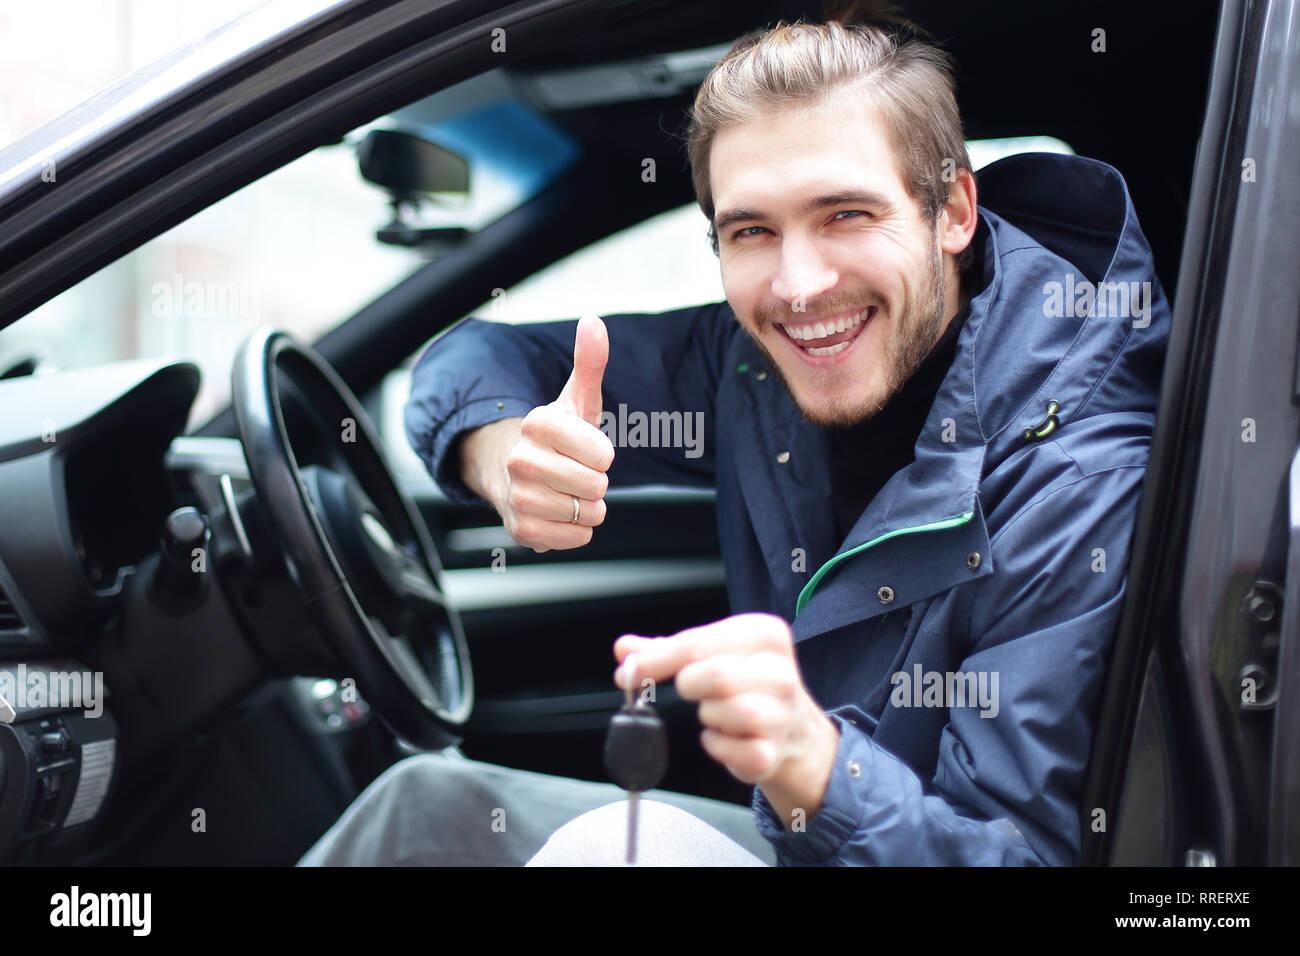 Hombre feliz mostrando el pulgar hacia arriba y las llaves de su coche Imagen De Stock